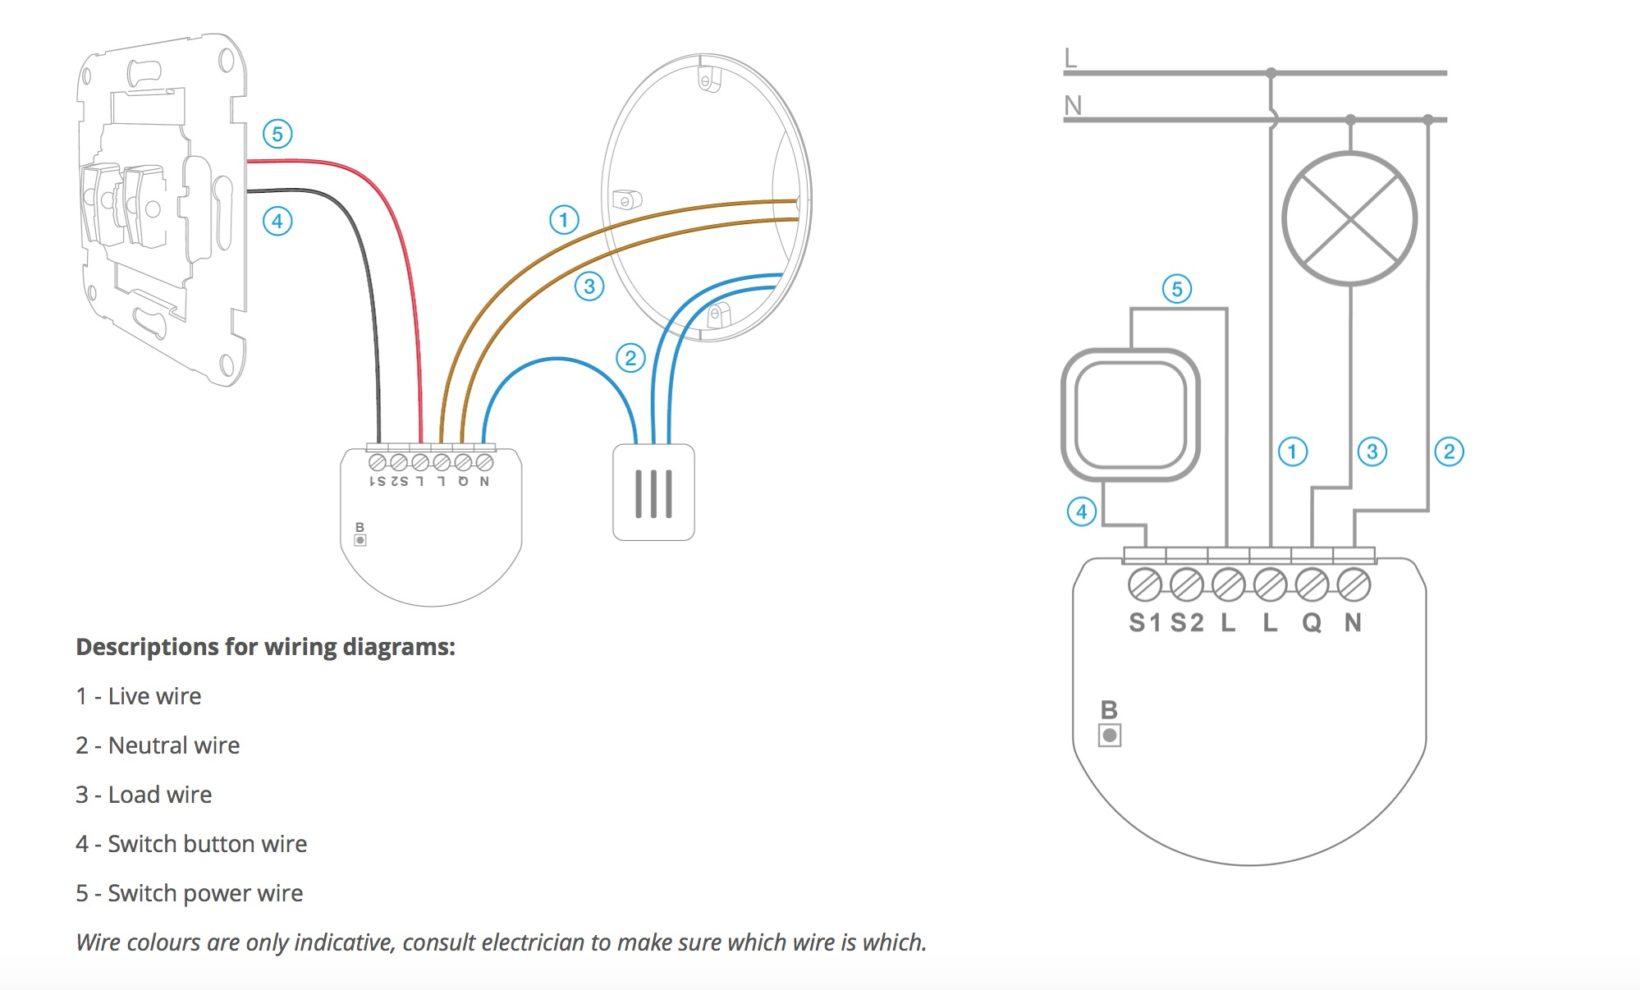 homekit di Fibaro - Lo schema di collegametno dell'interrutore relais